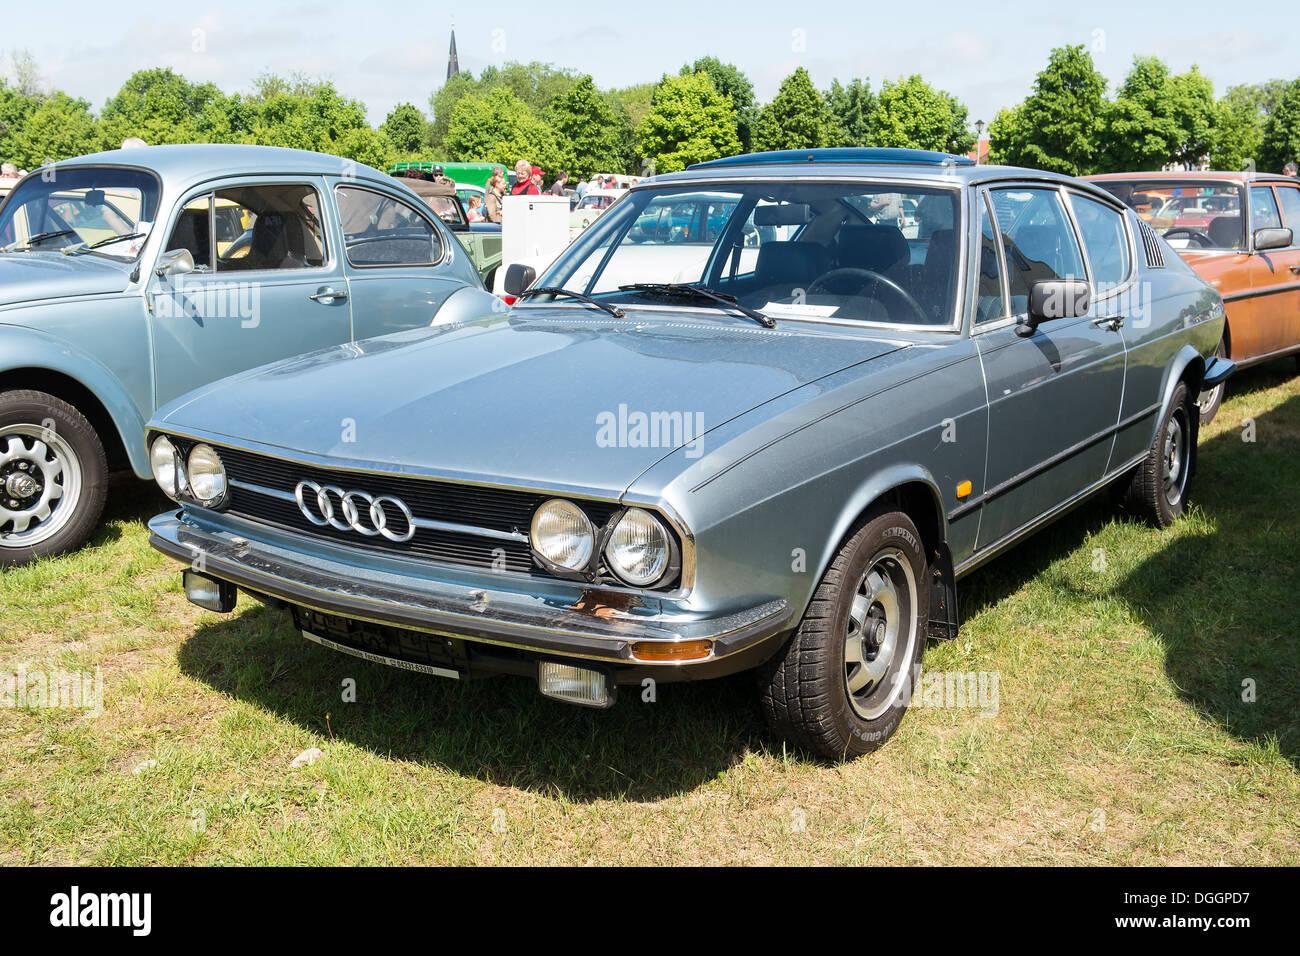 Kelebihan Kekurangan Audi 100 C1 Spesifikasi